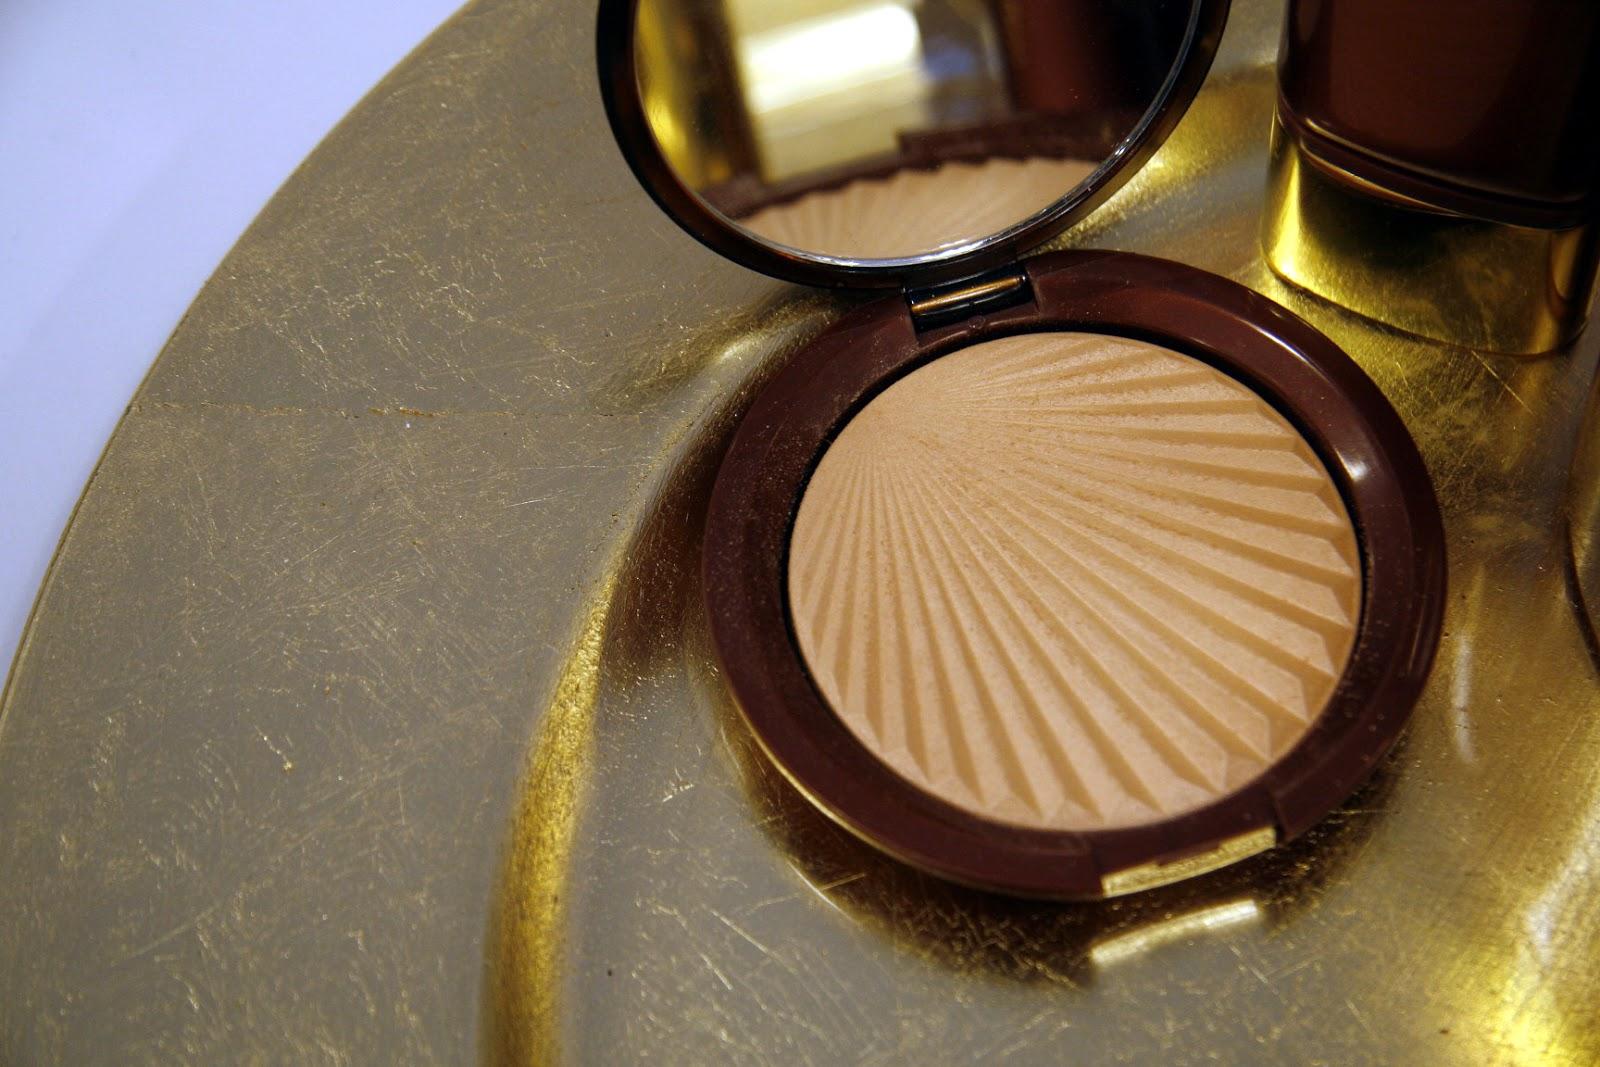 Шиммер estee lauder, Шиммер Estee Lauder Signature Bronze Shimmer отзывы 6 фотография